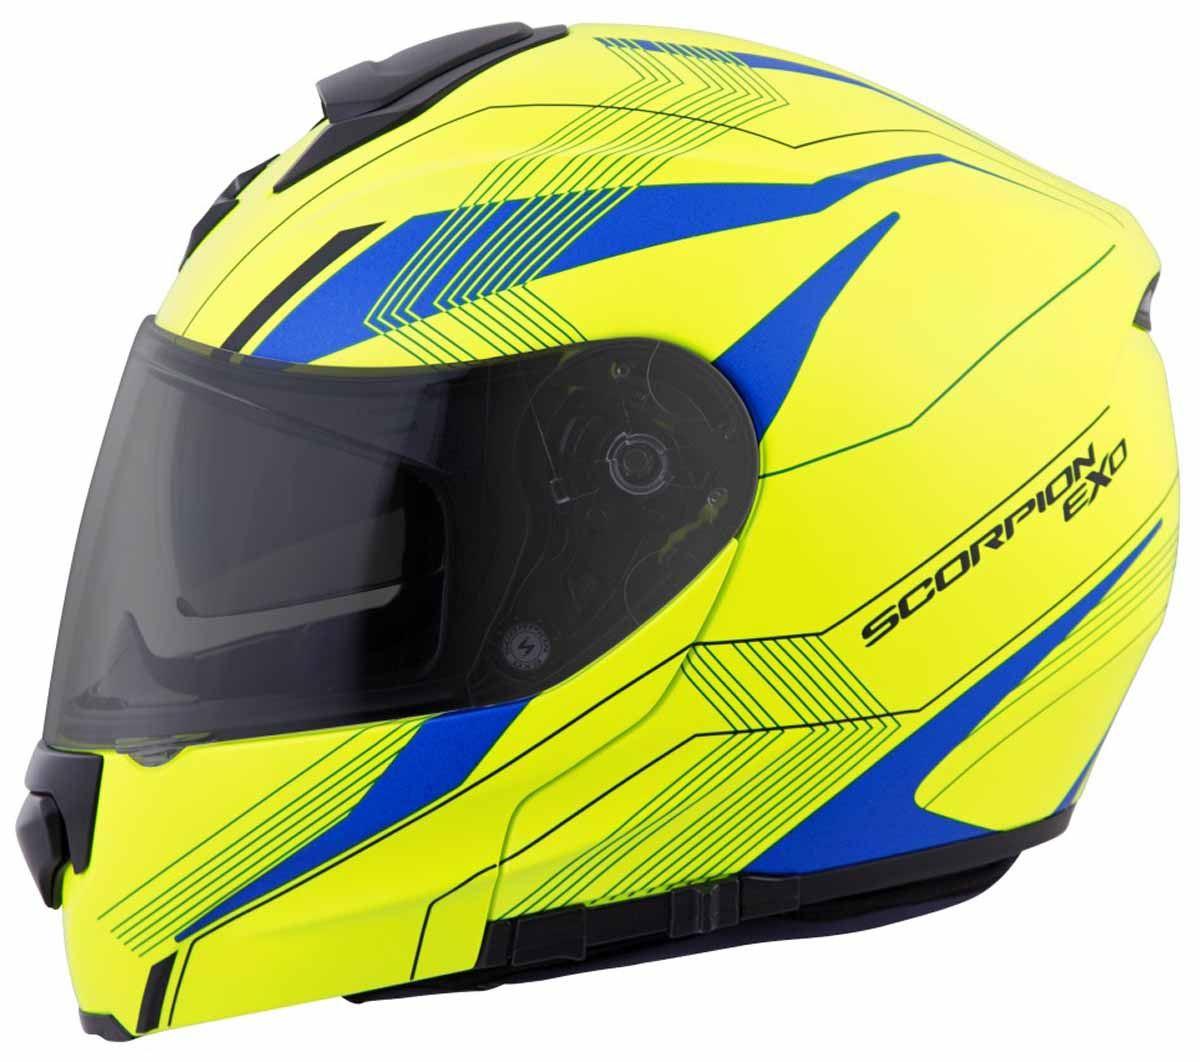 Scorpion-EXO-GT3000-Helmet-Modular-Flip-Up-Premium-DOT-Approved-XS-2XL miniature 29